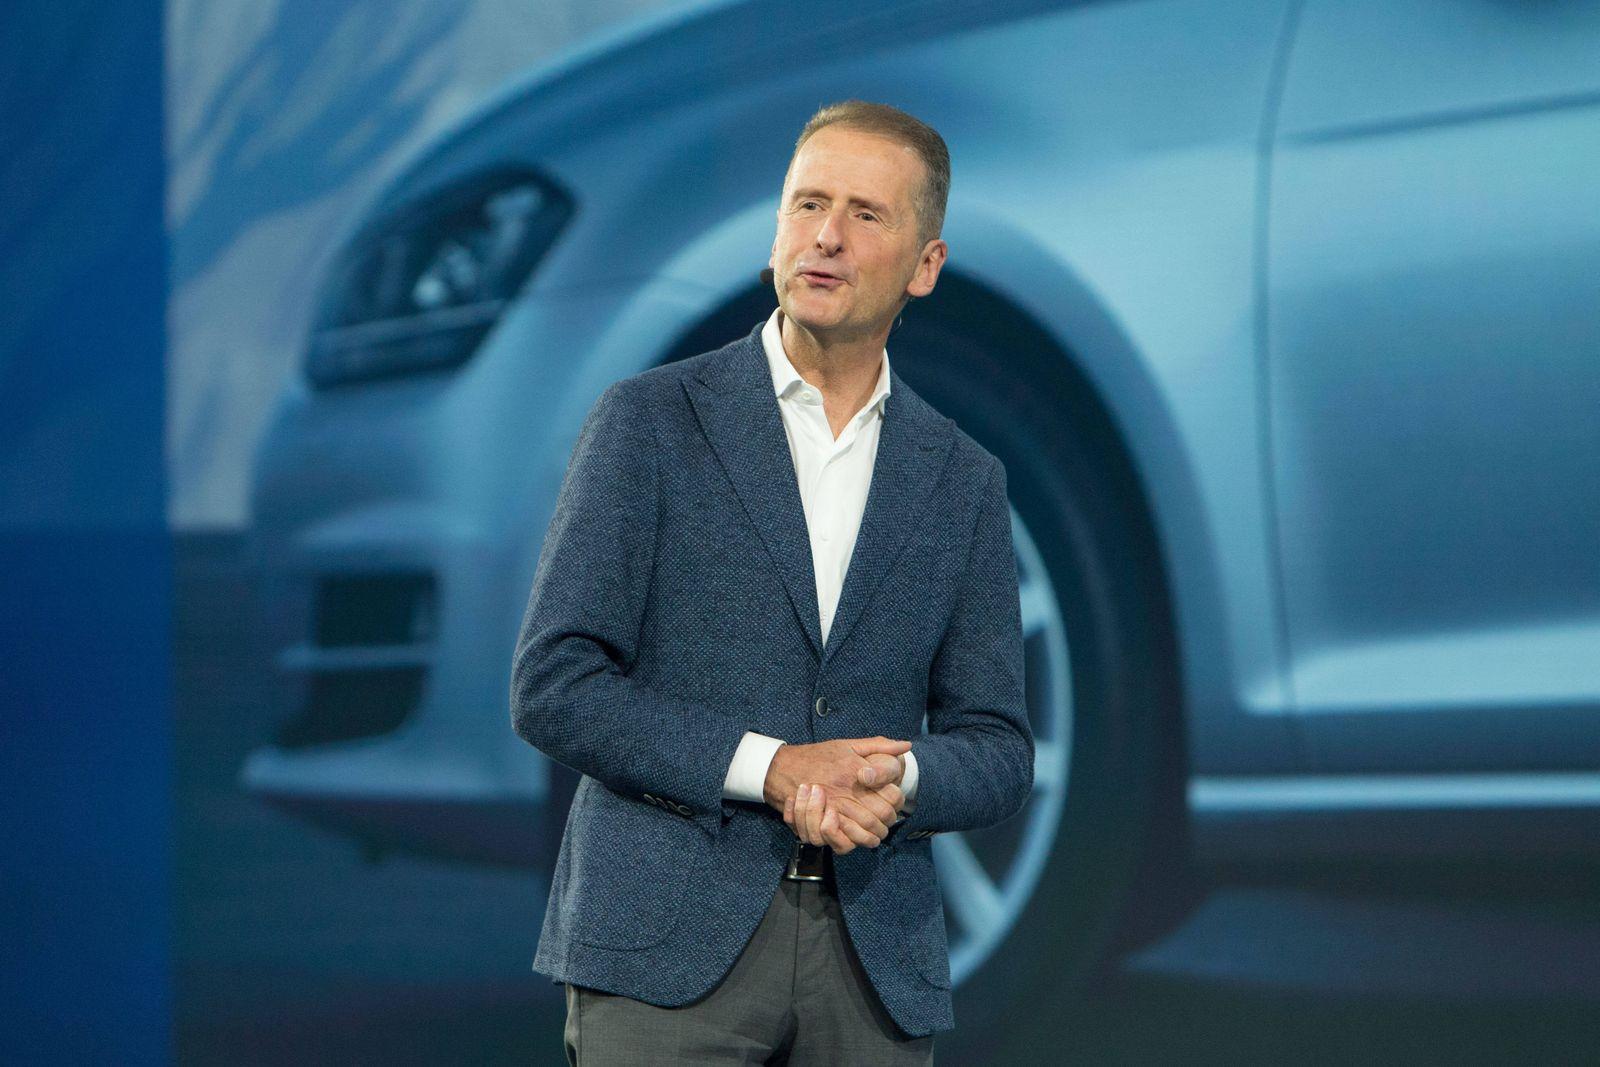 24.10.2019, xtgx, Wirtschaft Auto, Volkswagen - Weltpremiere Vorstellung Golf VIII 8 acht emspor, v.l. Herbert Diess (V